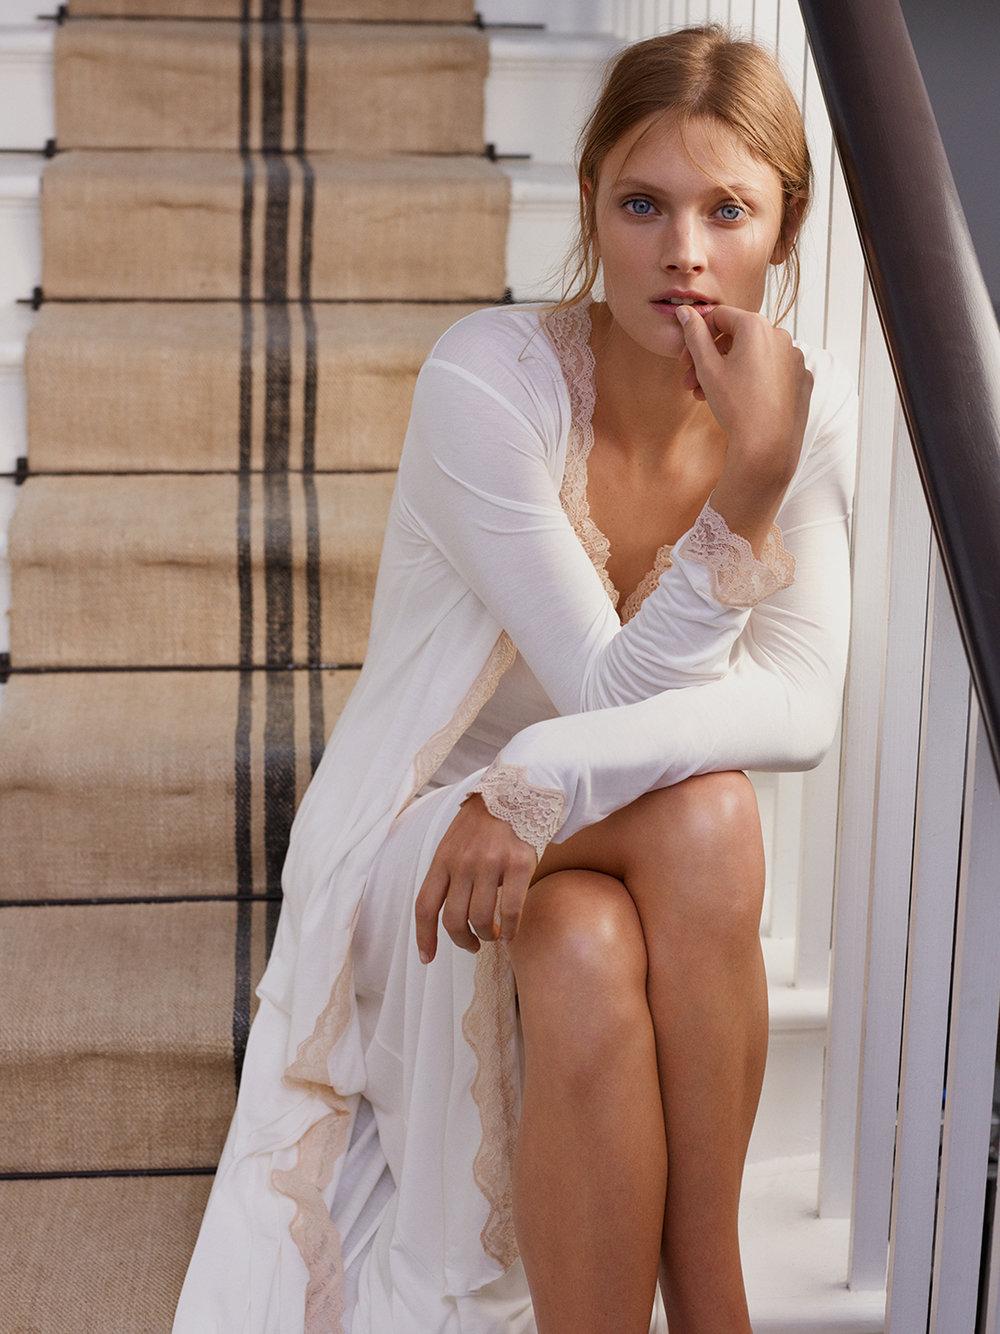 Zara Home Lingerie SS17 (14).jpg